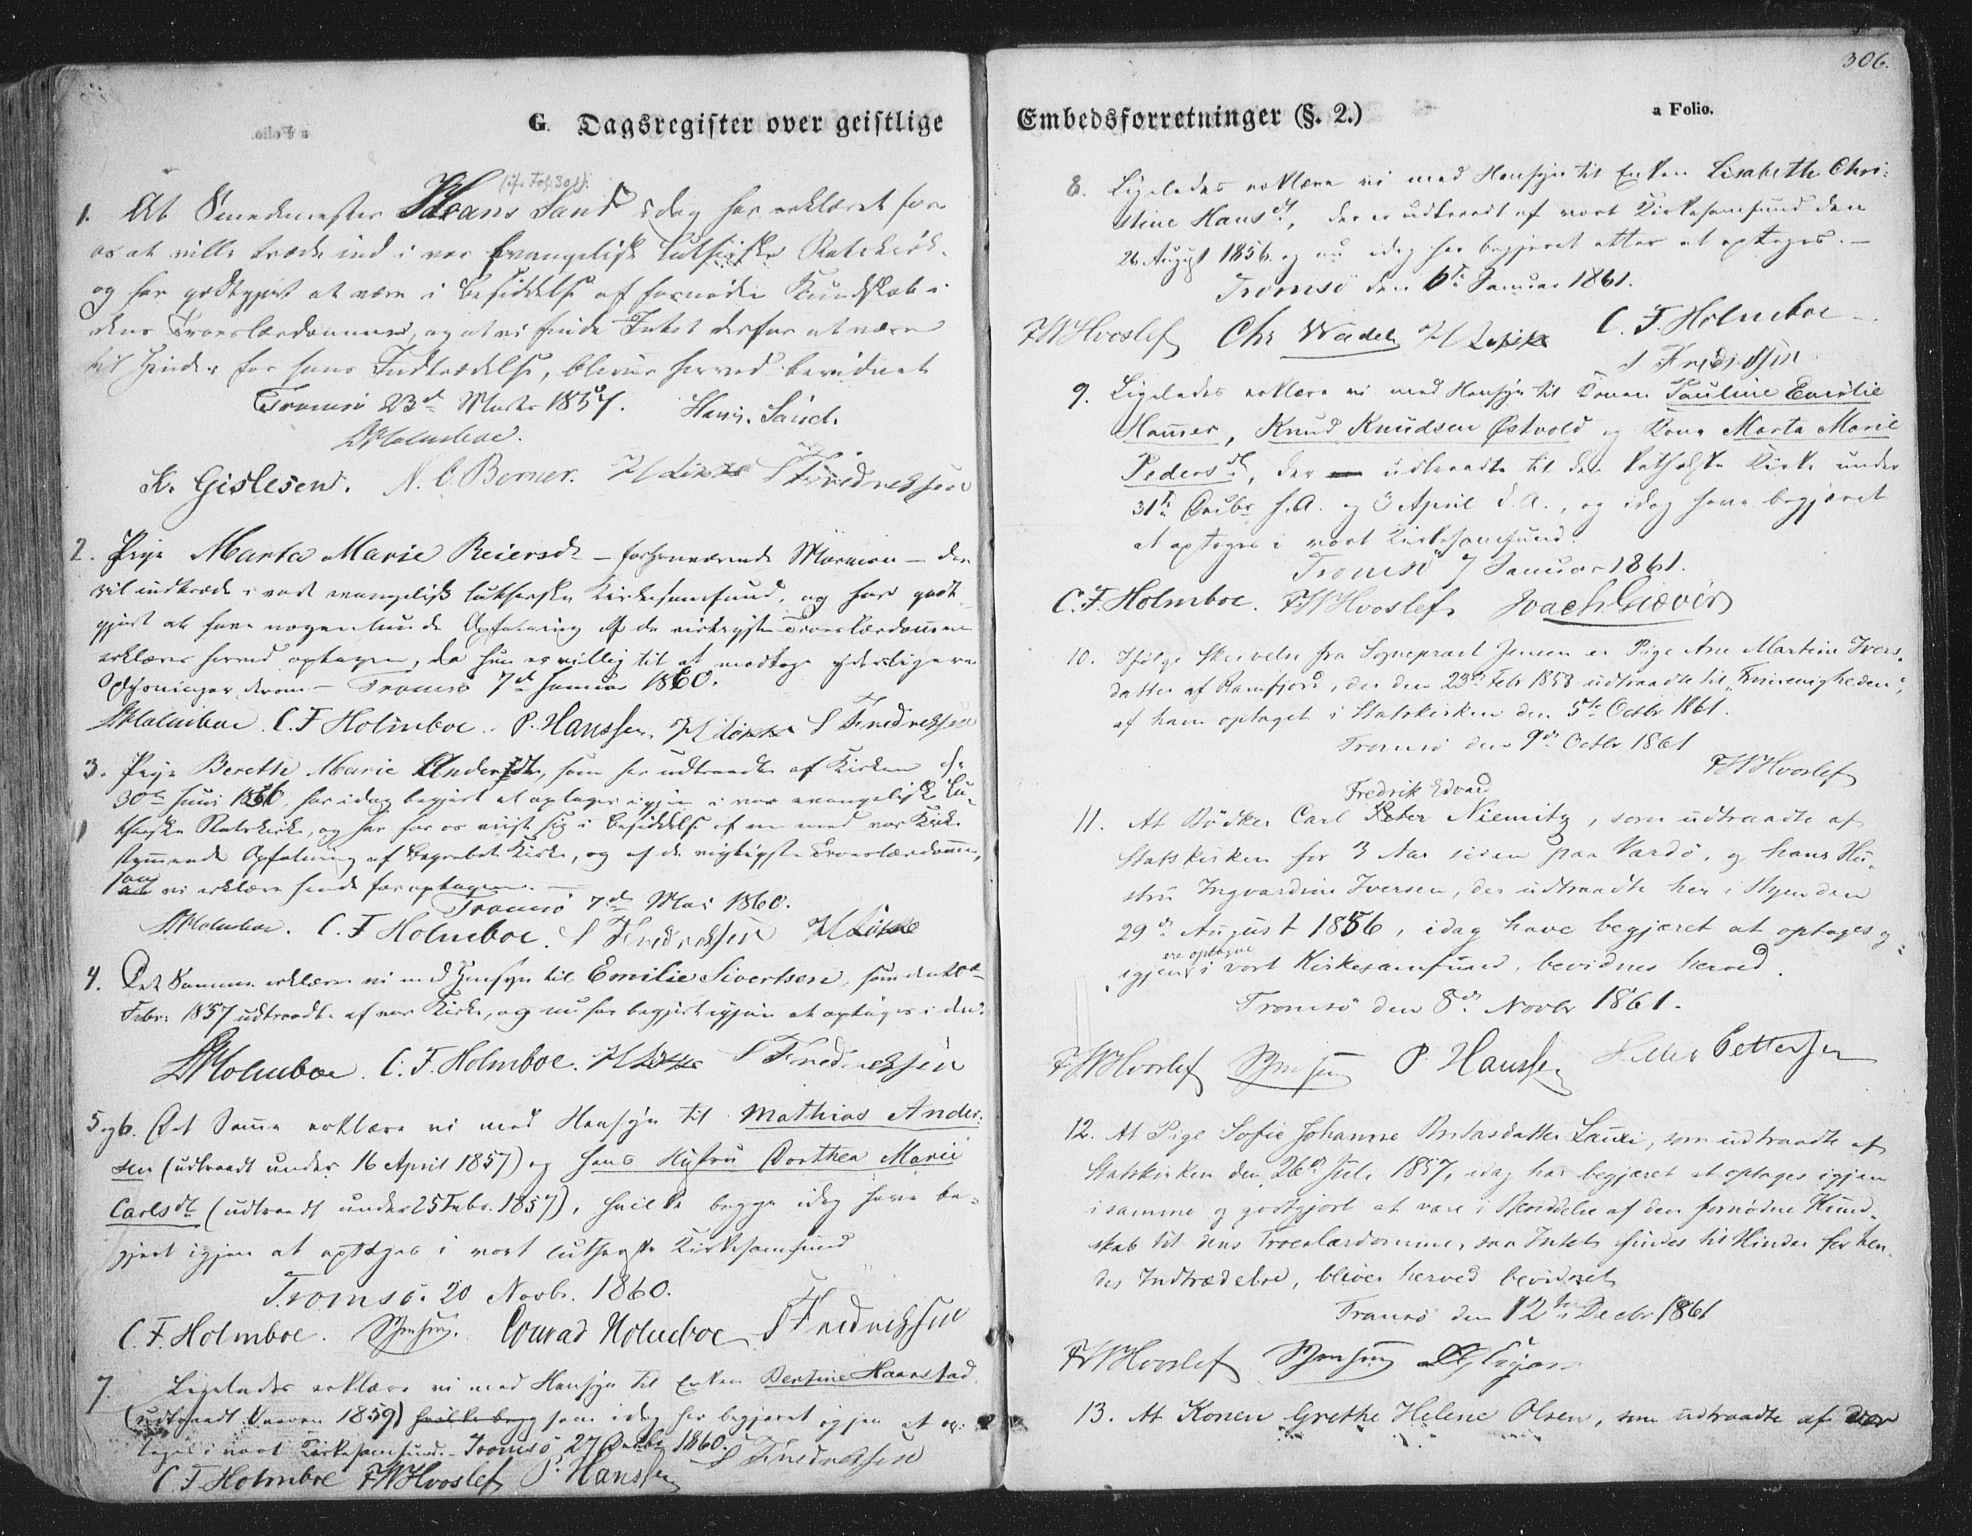 SATØ, Tromsø sokneprestkontor/stiftsprosti/domprosti, G/Ga/L0011kirke: Ministerialbok nr. 11, 1856-1865, s. 306